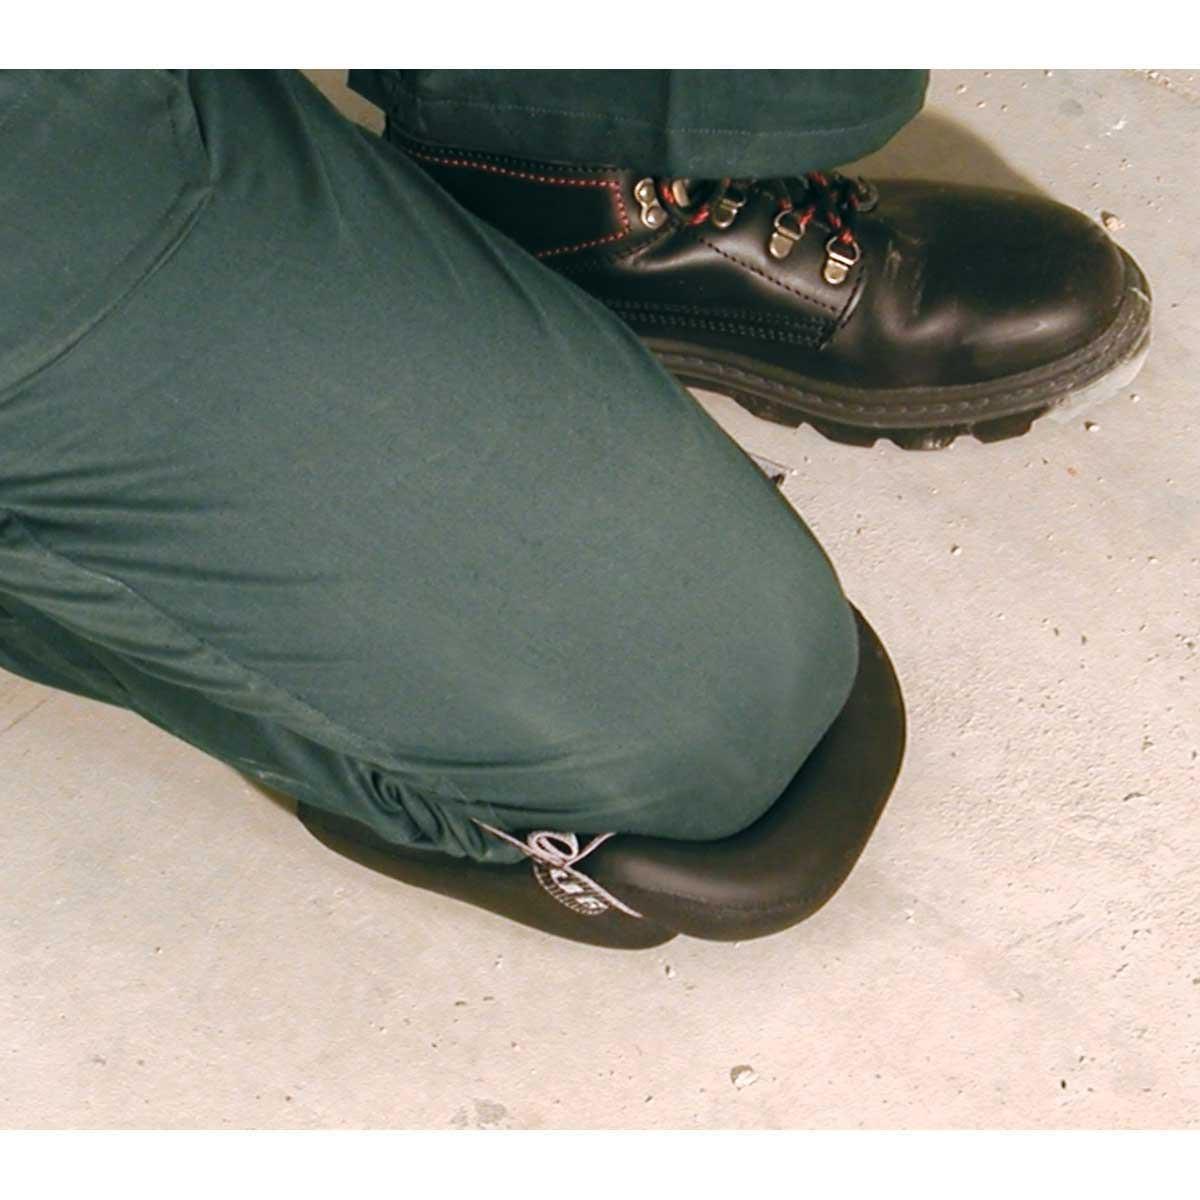 65915 Rubi Tools Knee pad package